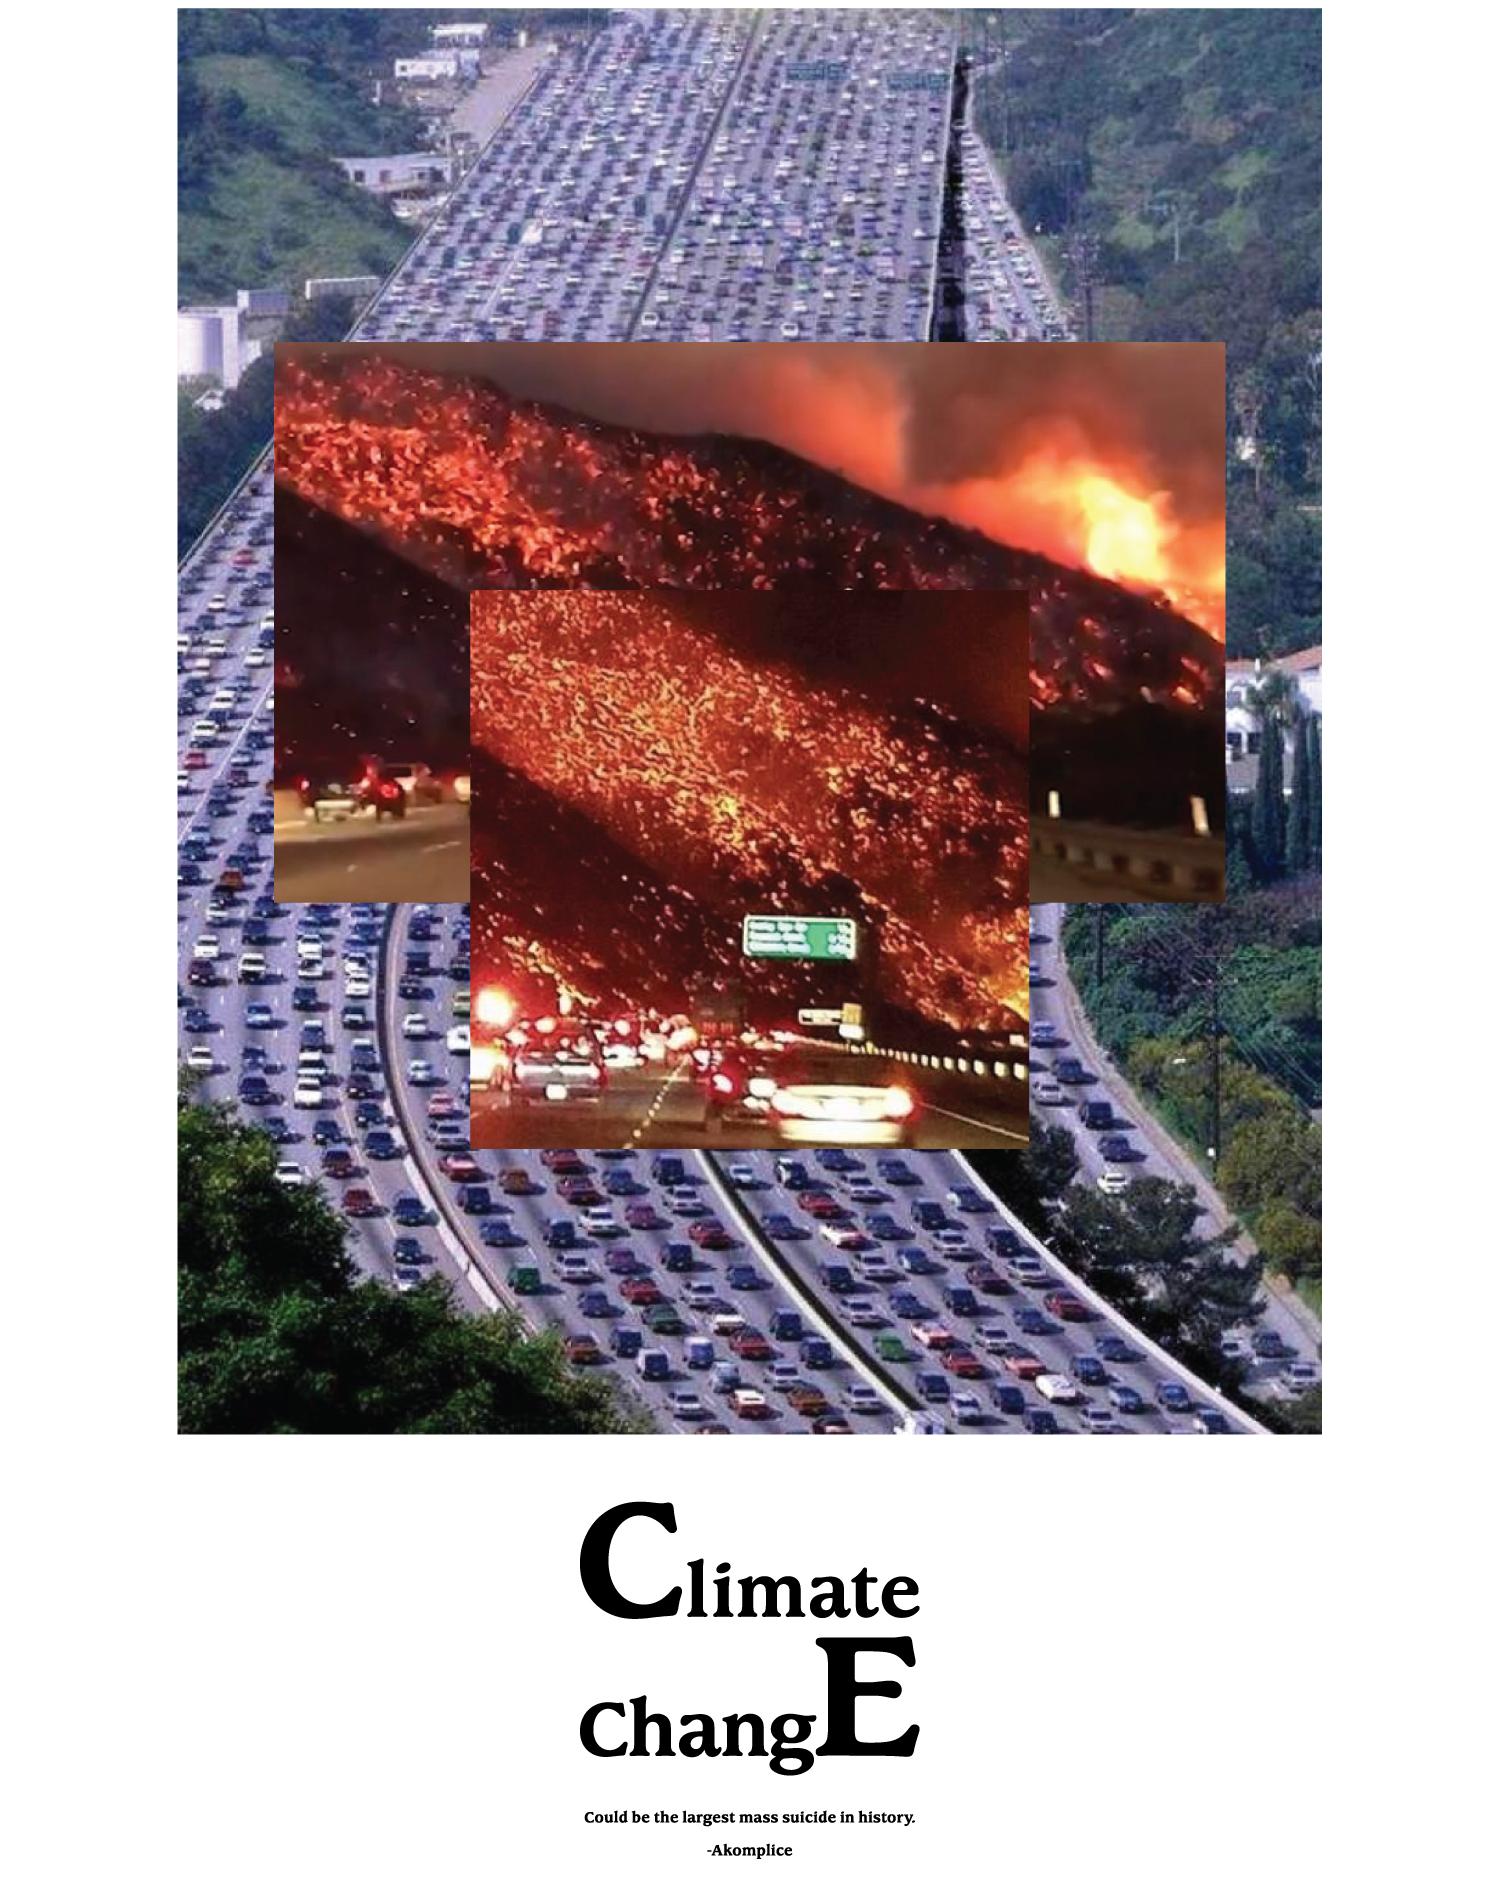 CLIMATE-CRISIS-ART–